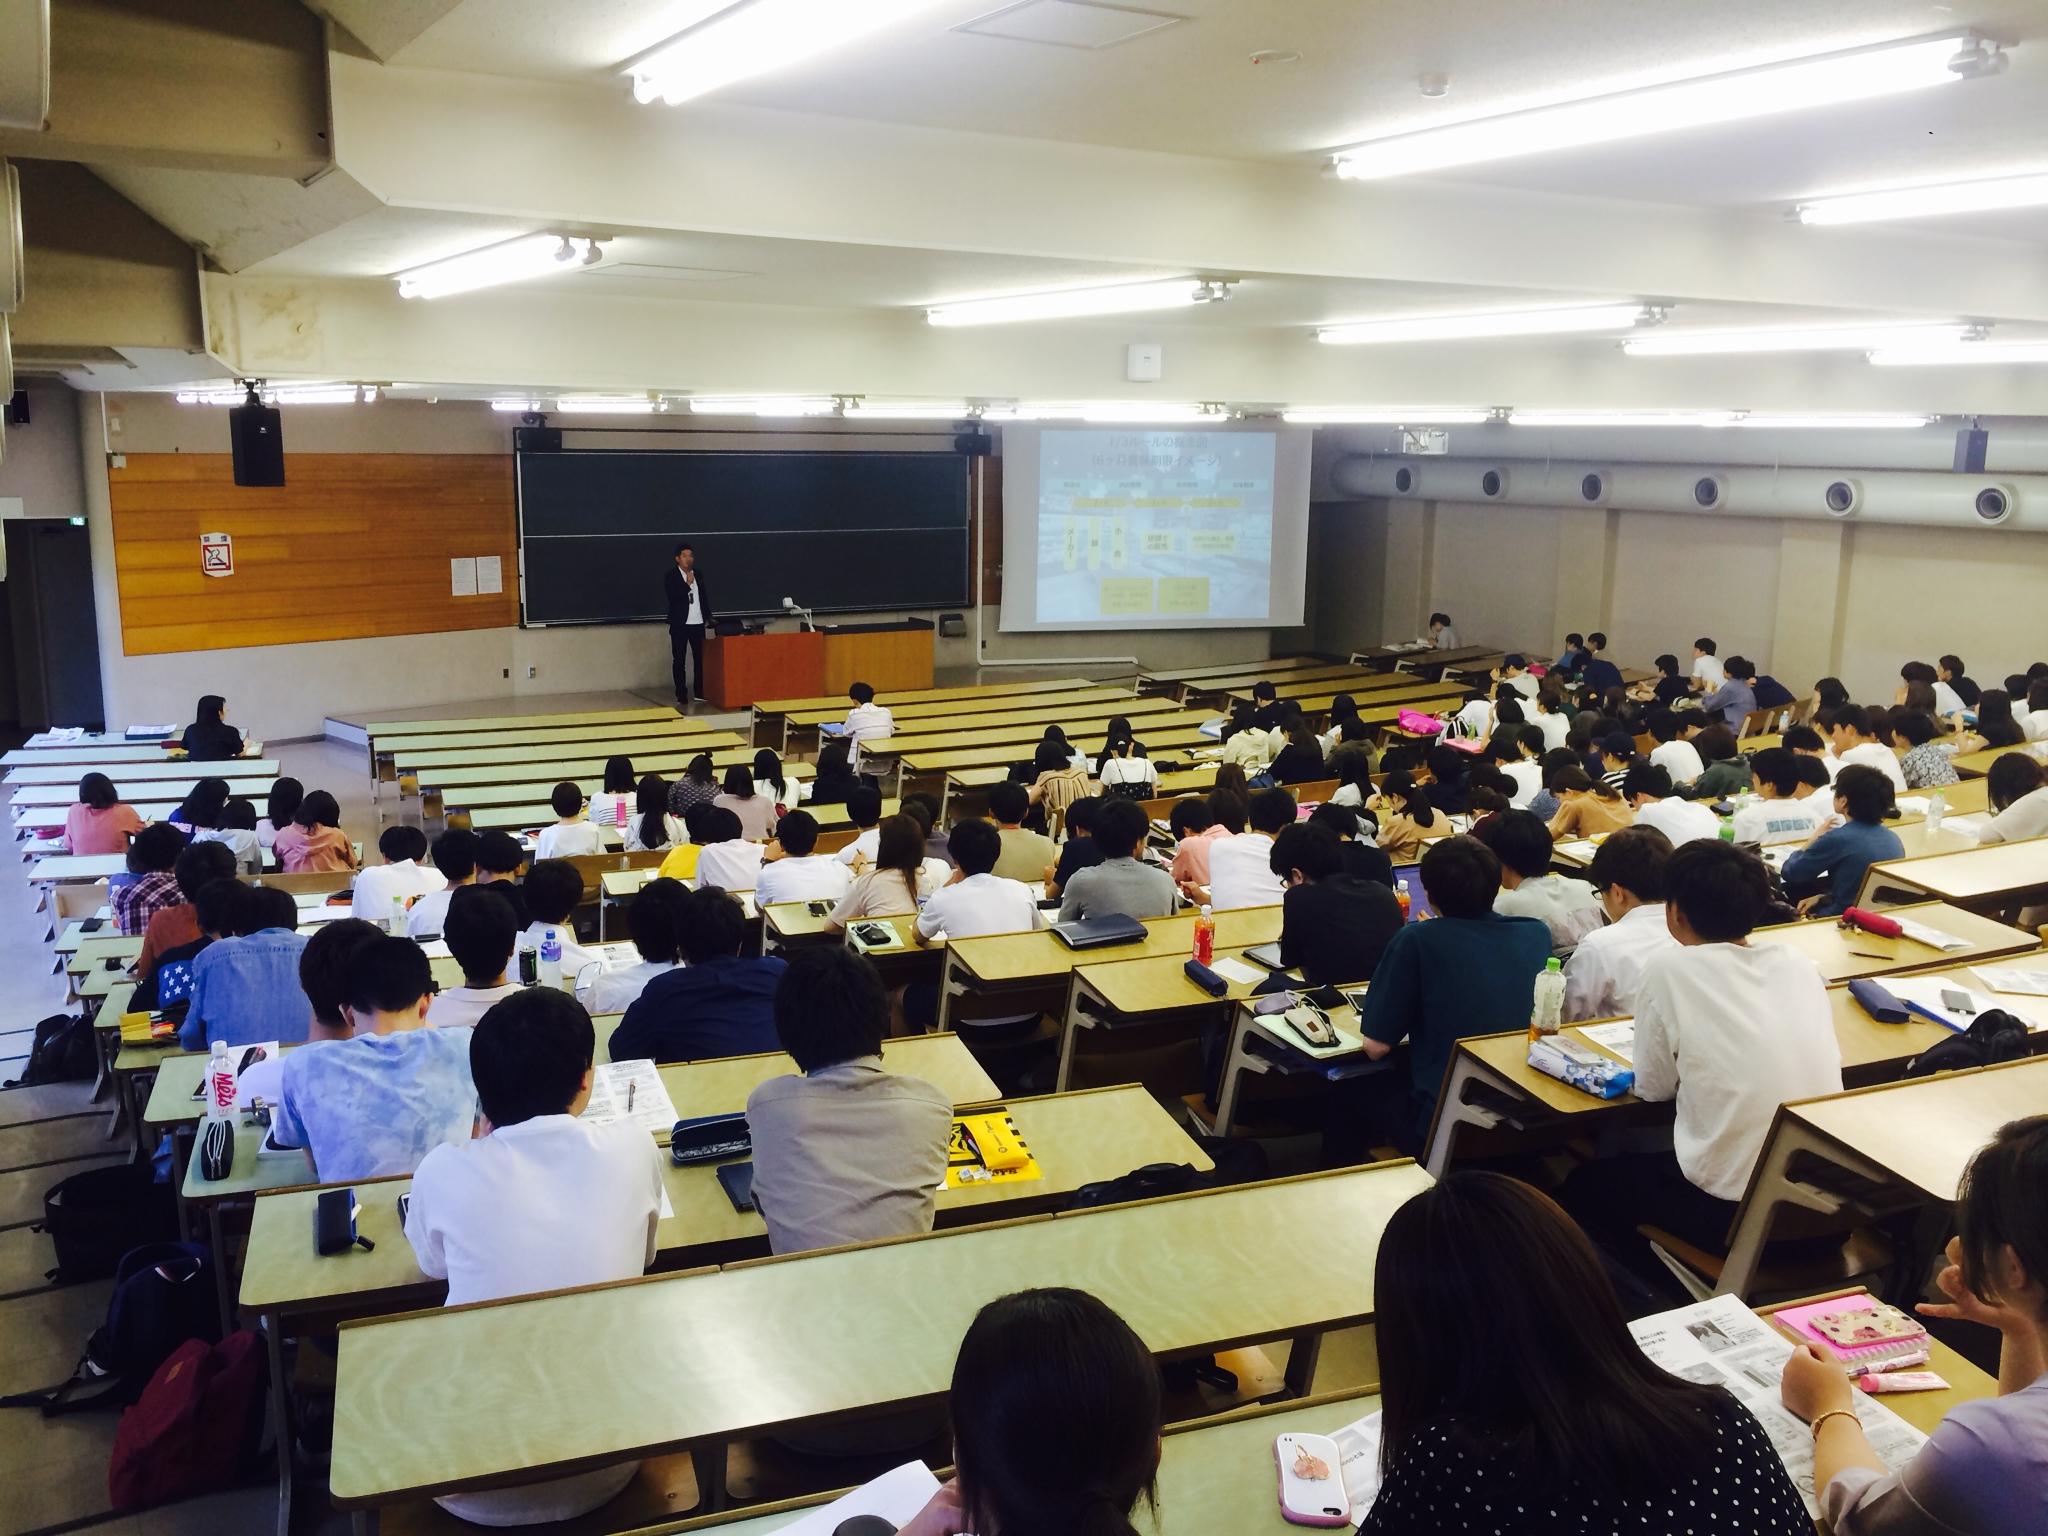 法政大学で授業を行いました。